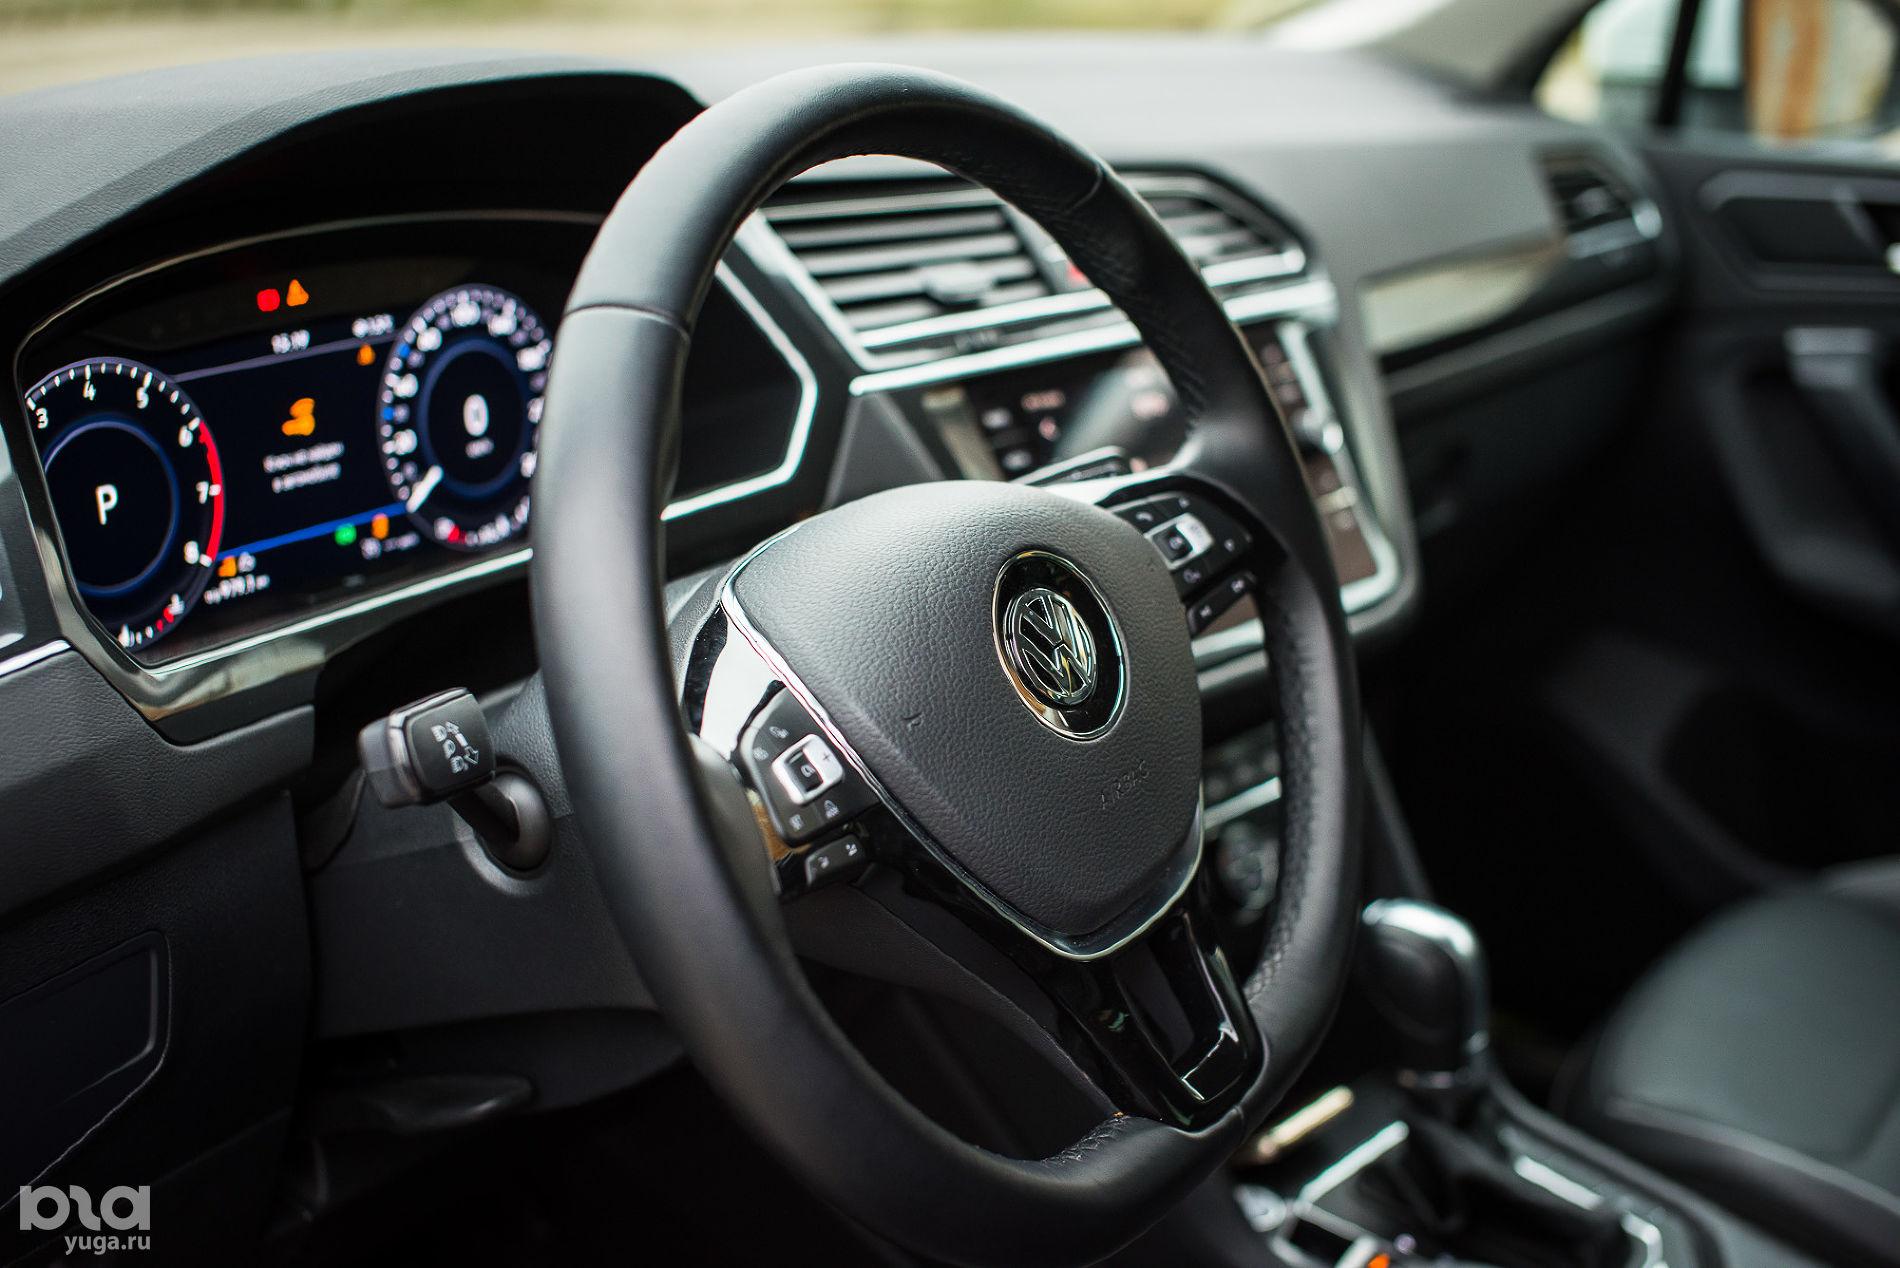 Тест-драйв Volkswagen Tiguan у Медвежьей горы ©Фото Елены Синеок, Юга.ру